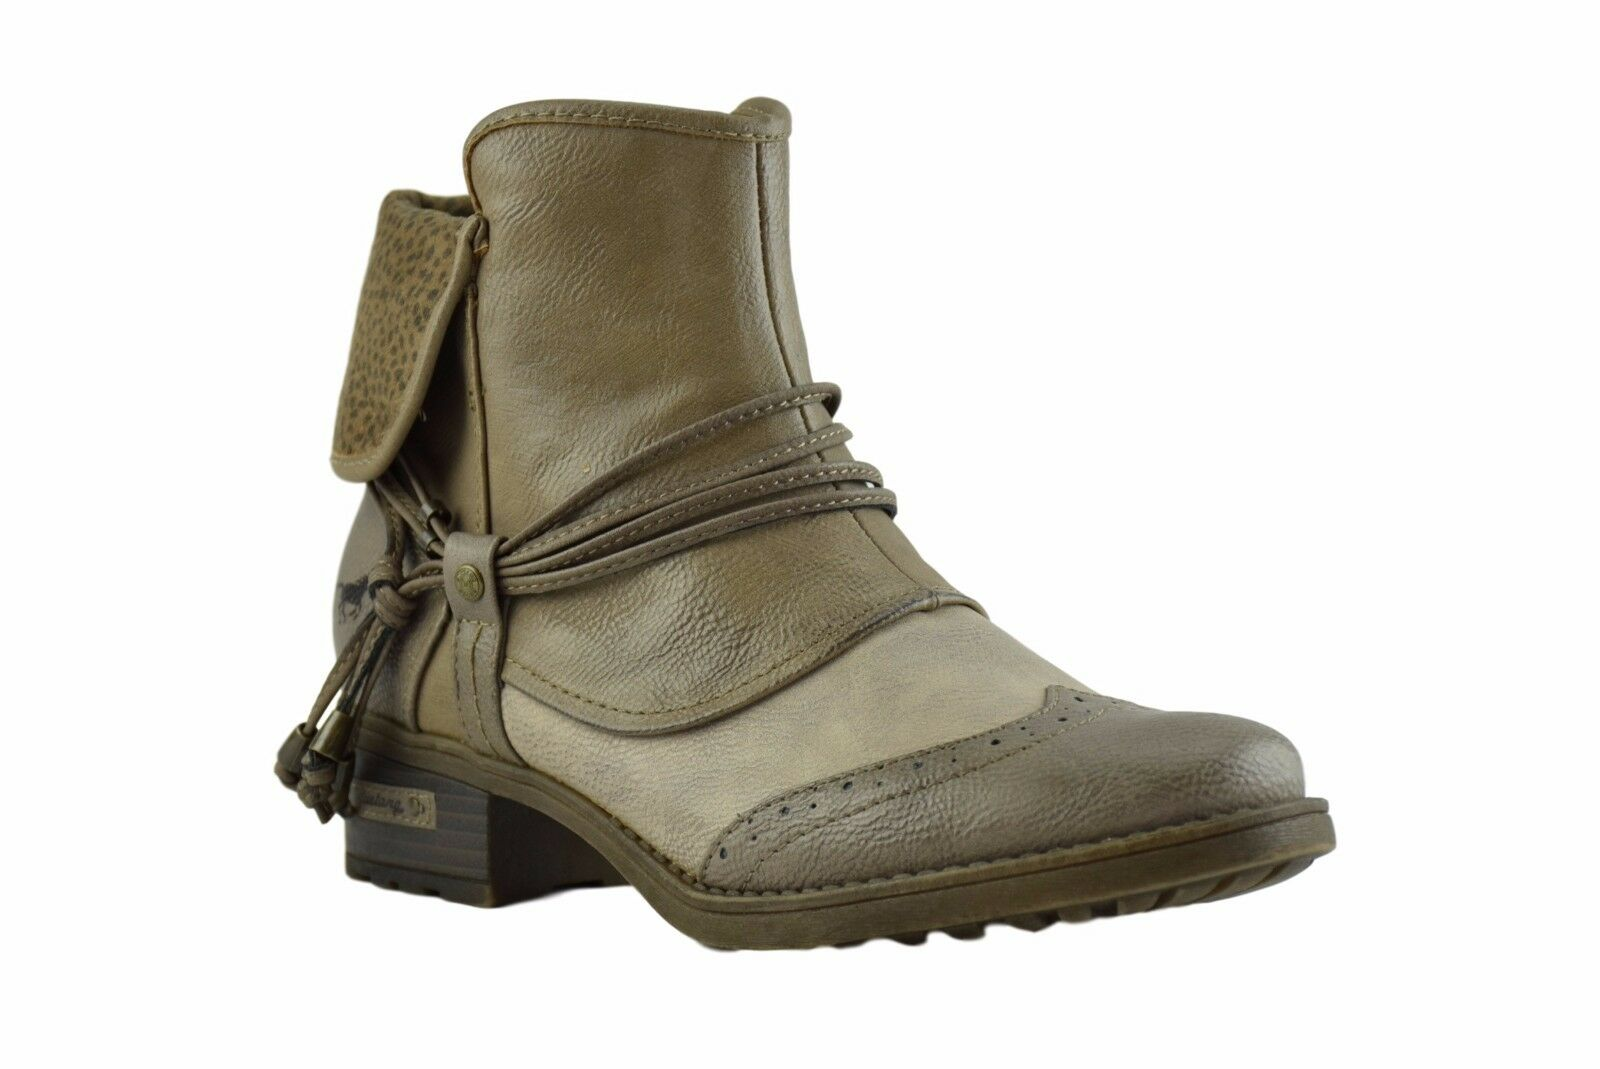 Mustang New Ladies Light Ivory Grey Vegan Leather Biker Ankle Zip Heel Boots